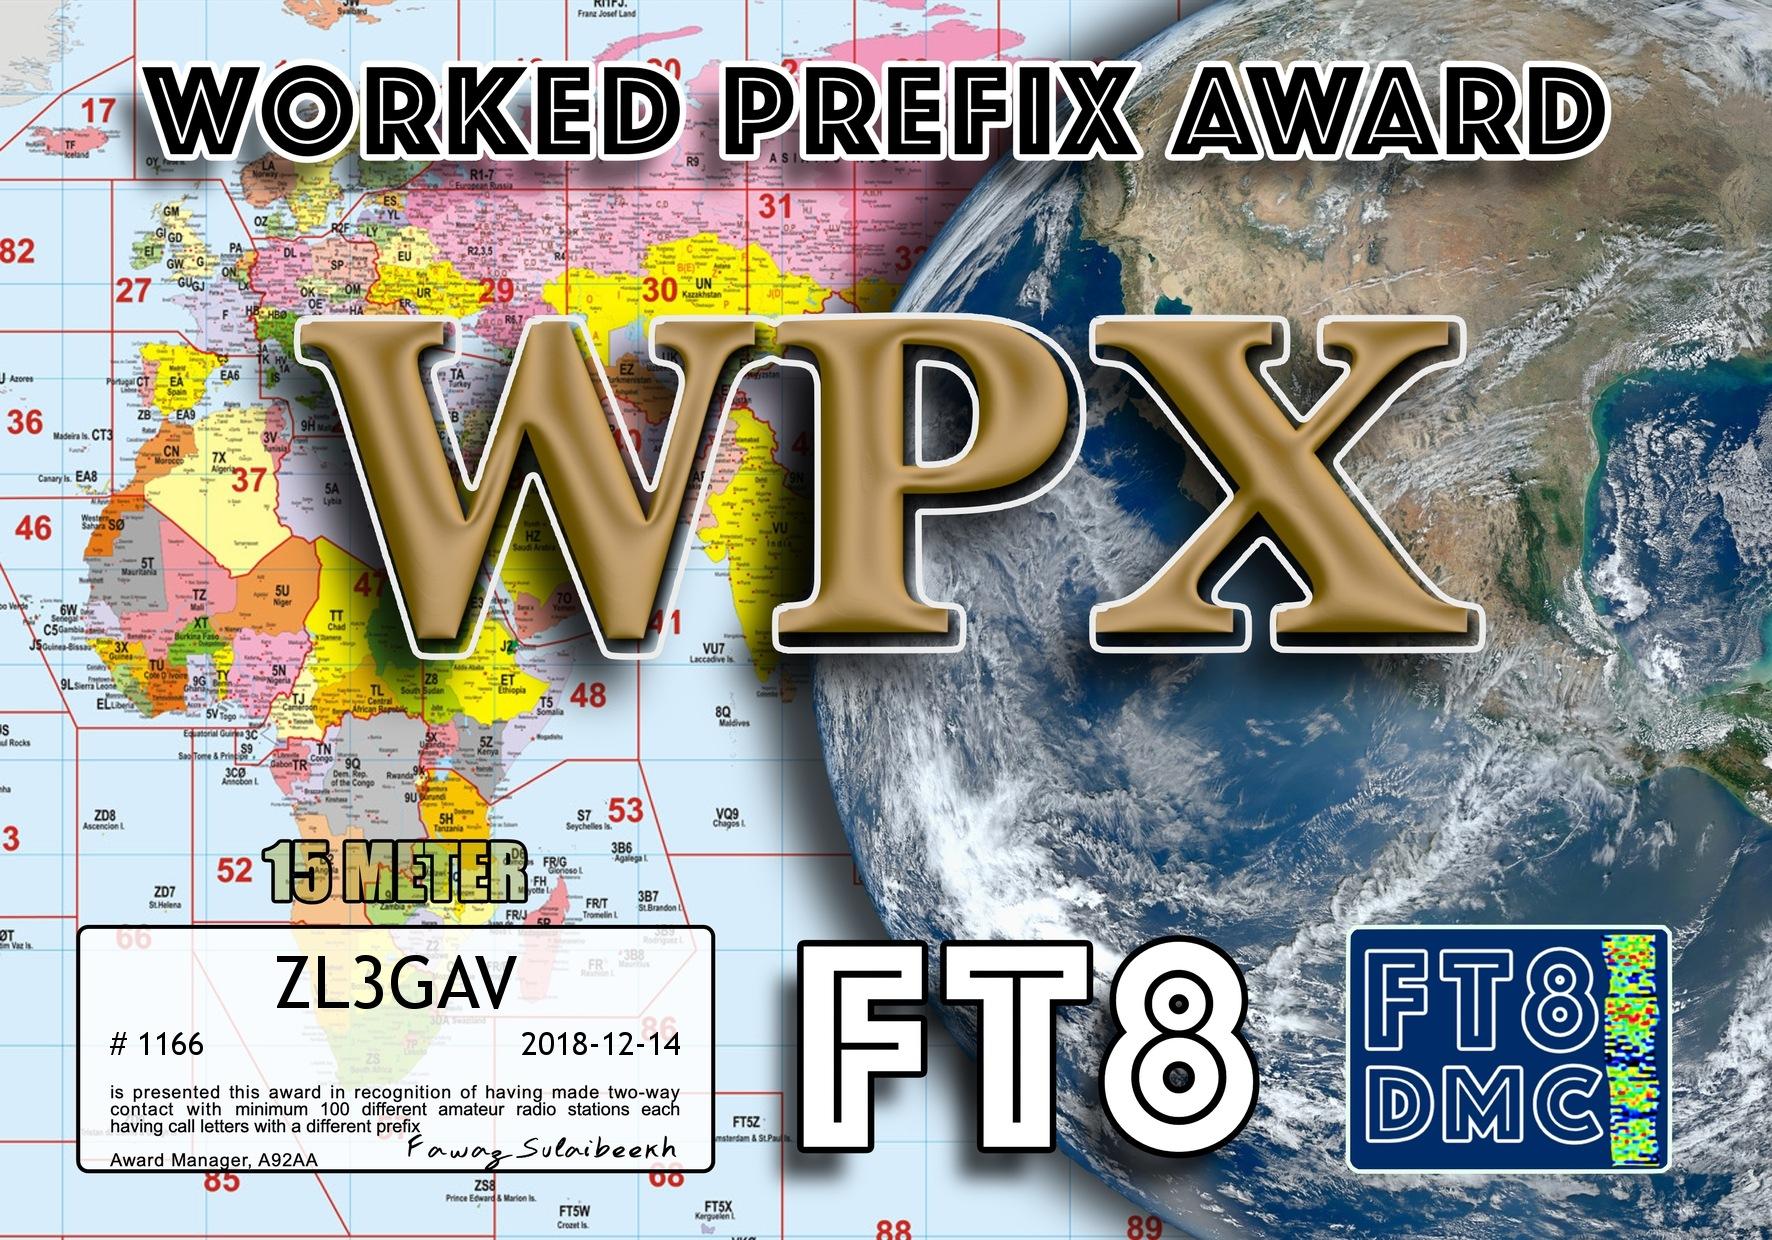 ZL3GAV-WPX15-100.jpg